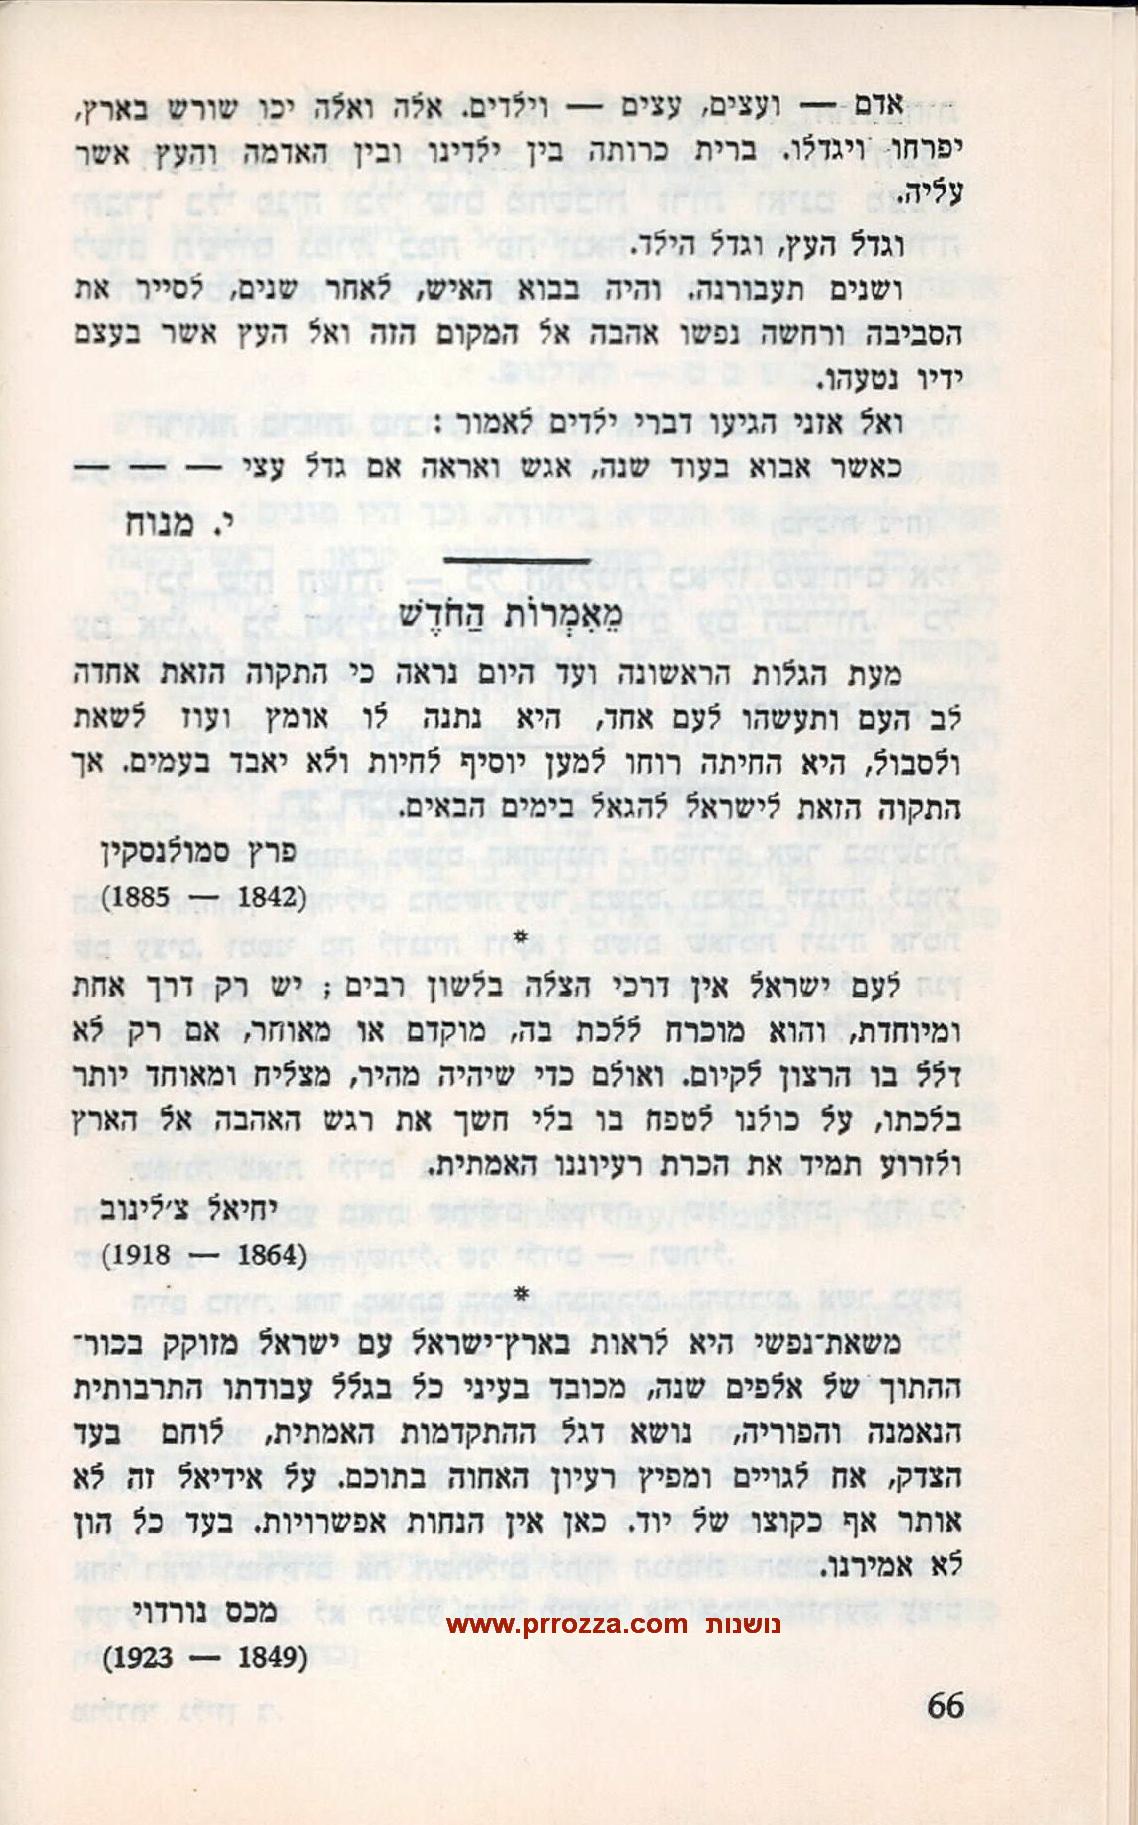 shvat-6-s